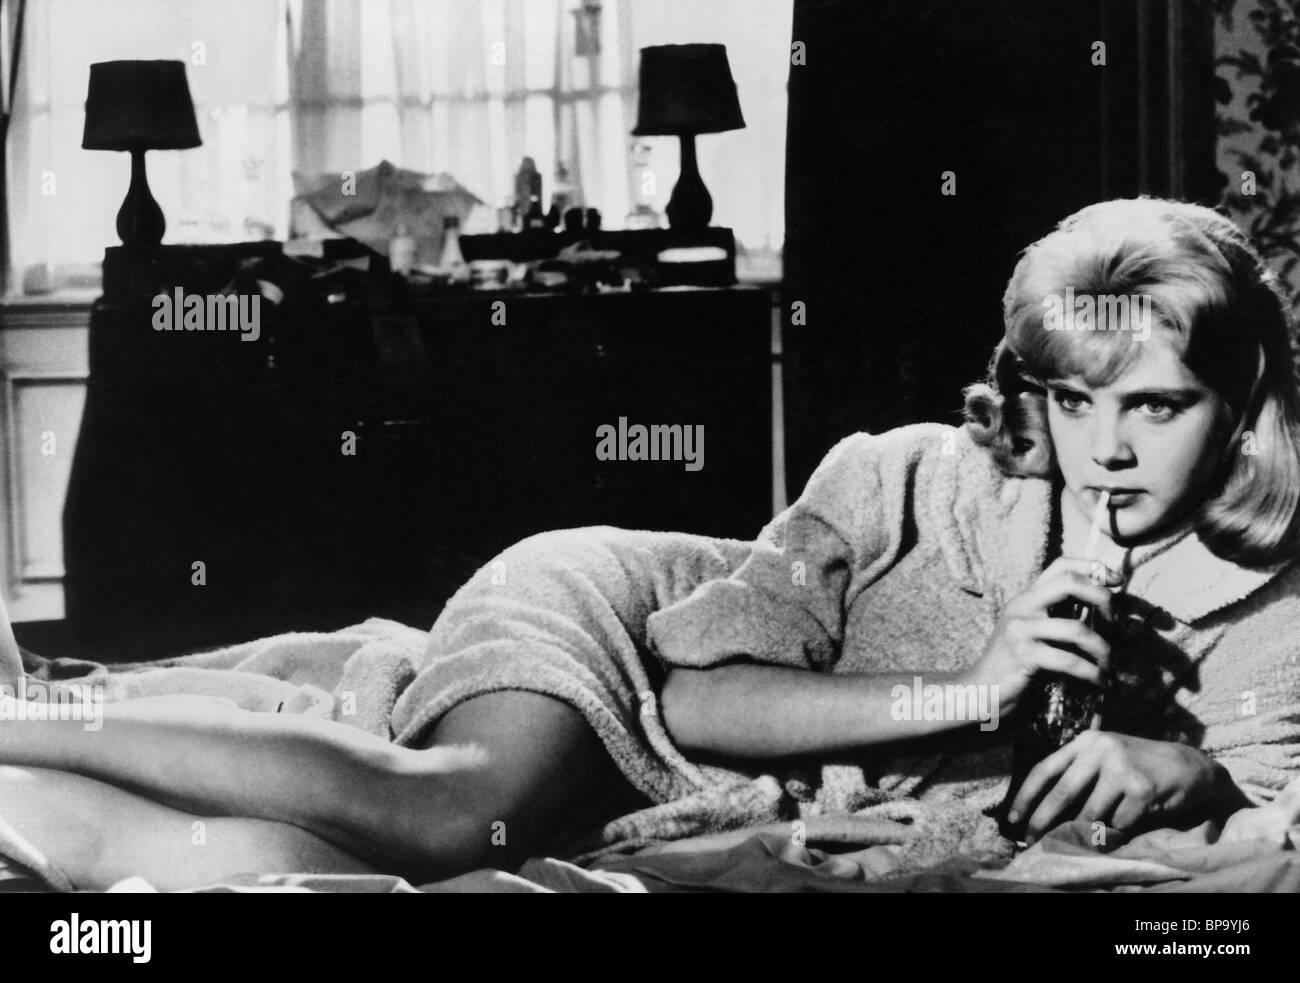 SUE LYON LOLITA (1962)